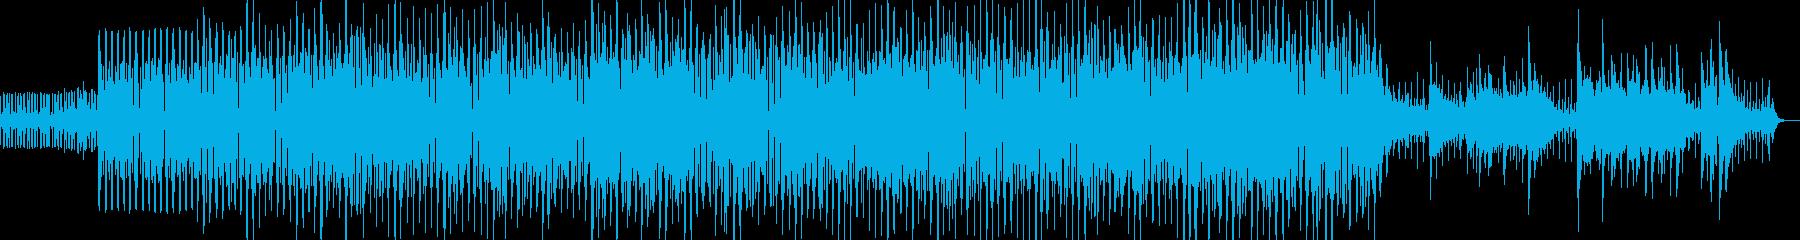 紹介VTR、CM、映像用 ボサノヴァ調の再生済みの波形